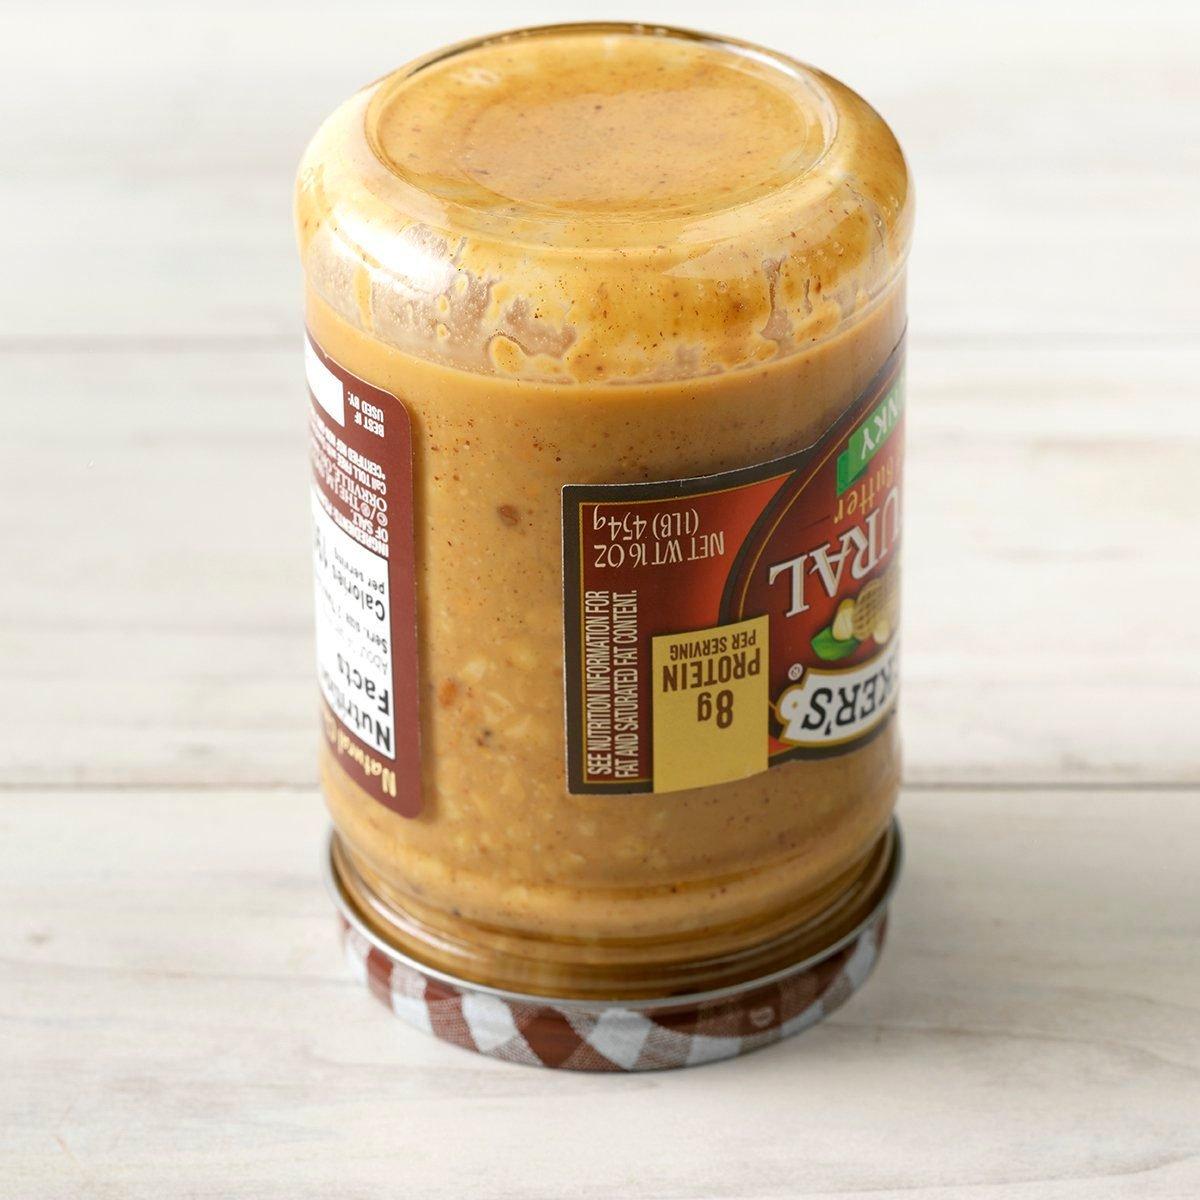 THGKH19, Kitchen Hack Storing Natural Peanut Butter Upside Down